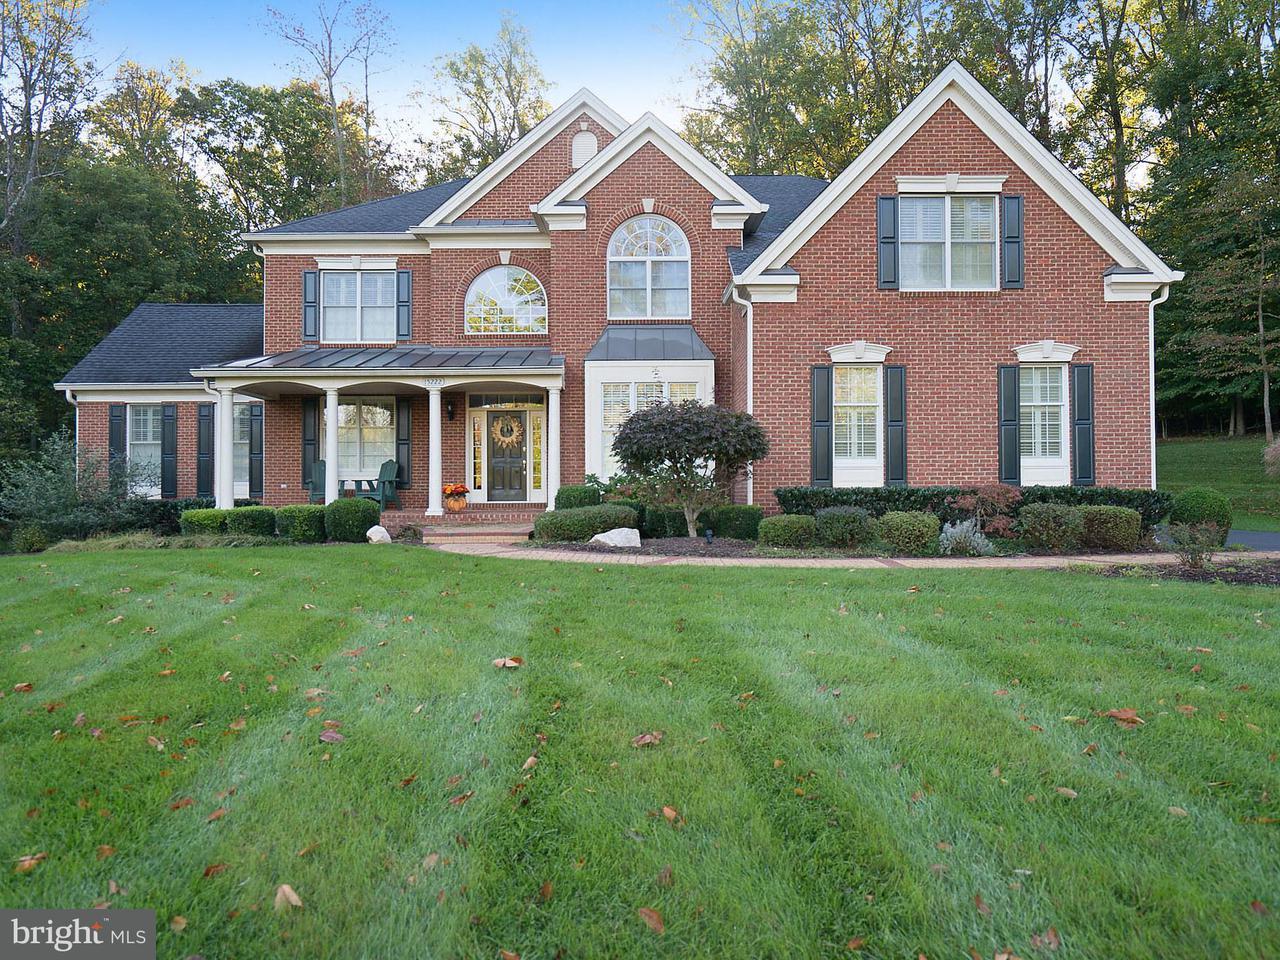 단독 가정 주택 용 매매 에 15222 Pavlo Place 15222 Pavlo Place Waterford, 버지니아 20197 미국